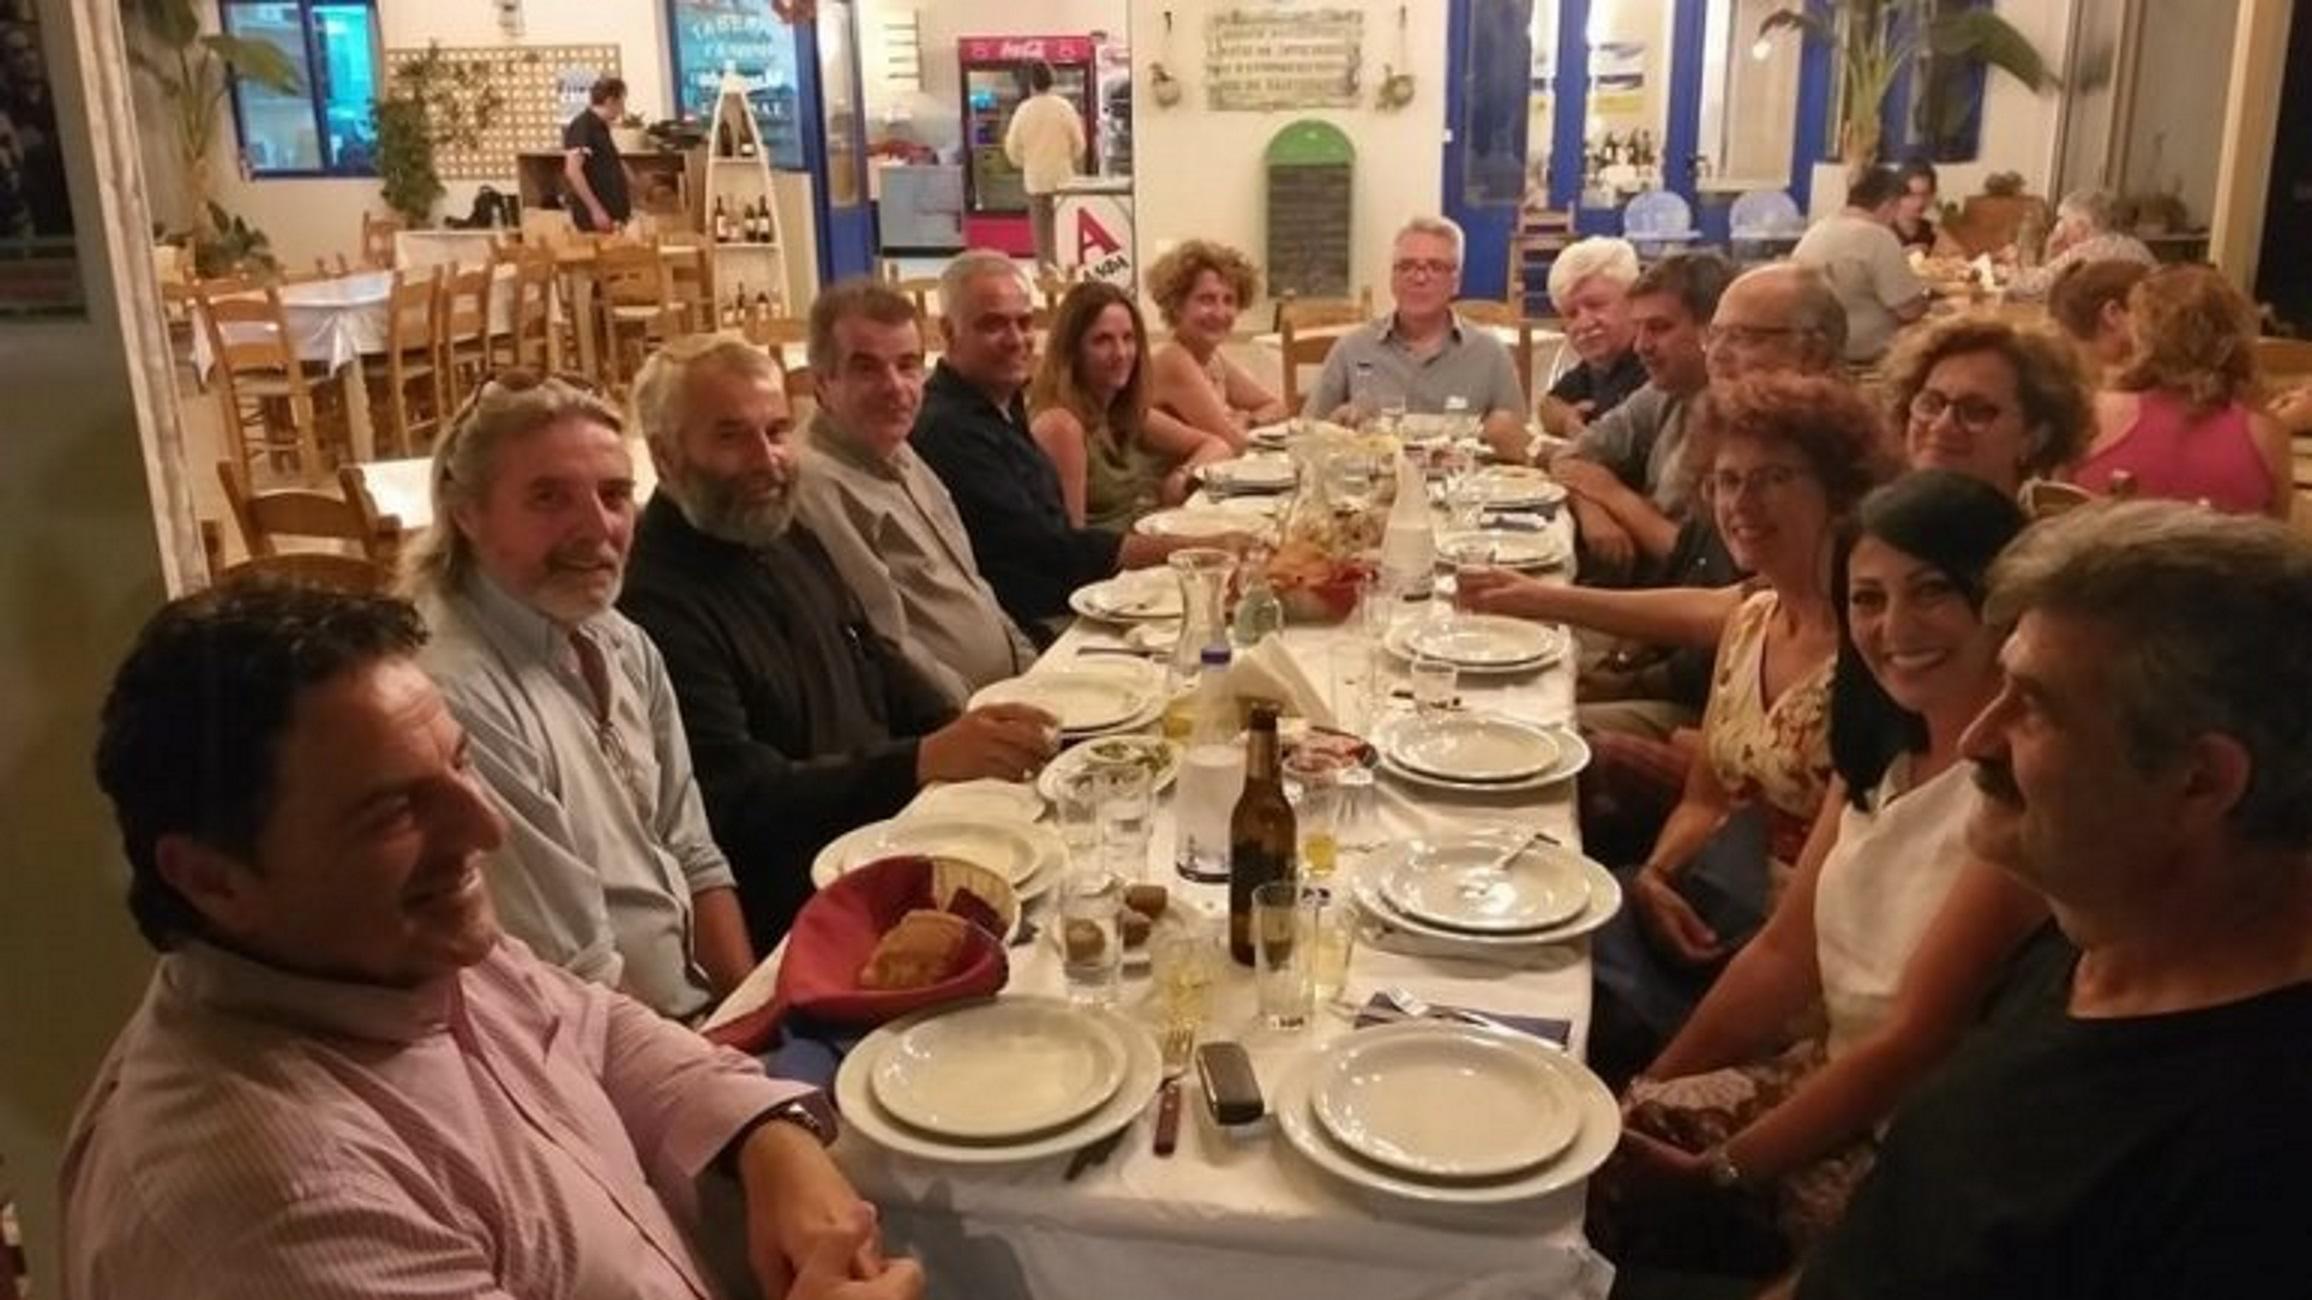 Κρήτη: Στο ίδιο τραπέζι Σκουρλέτης και Ξανθός – Ρακές και διακοπές για τους πρώην υπουργούς!